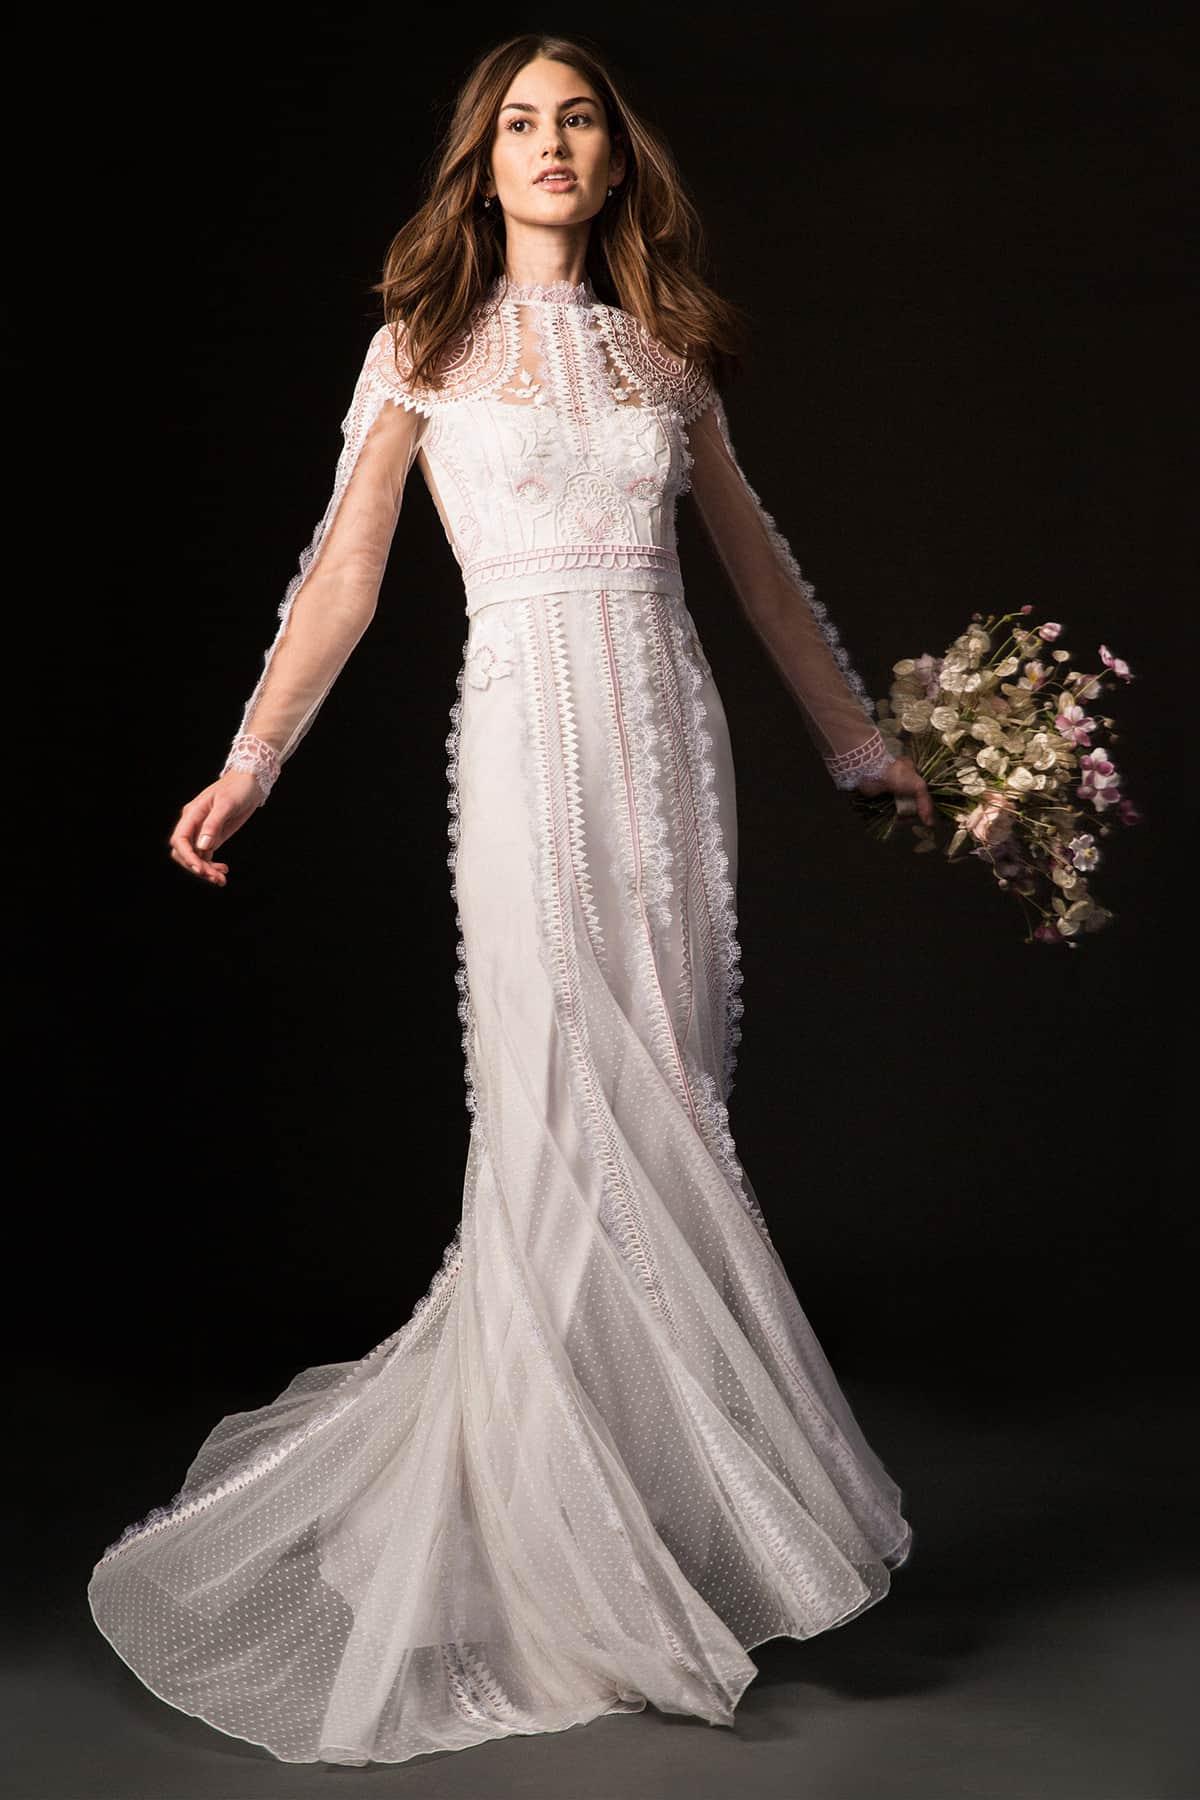 Look4-Beatrix-Dress-Temperley-Bridal